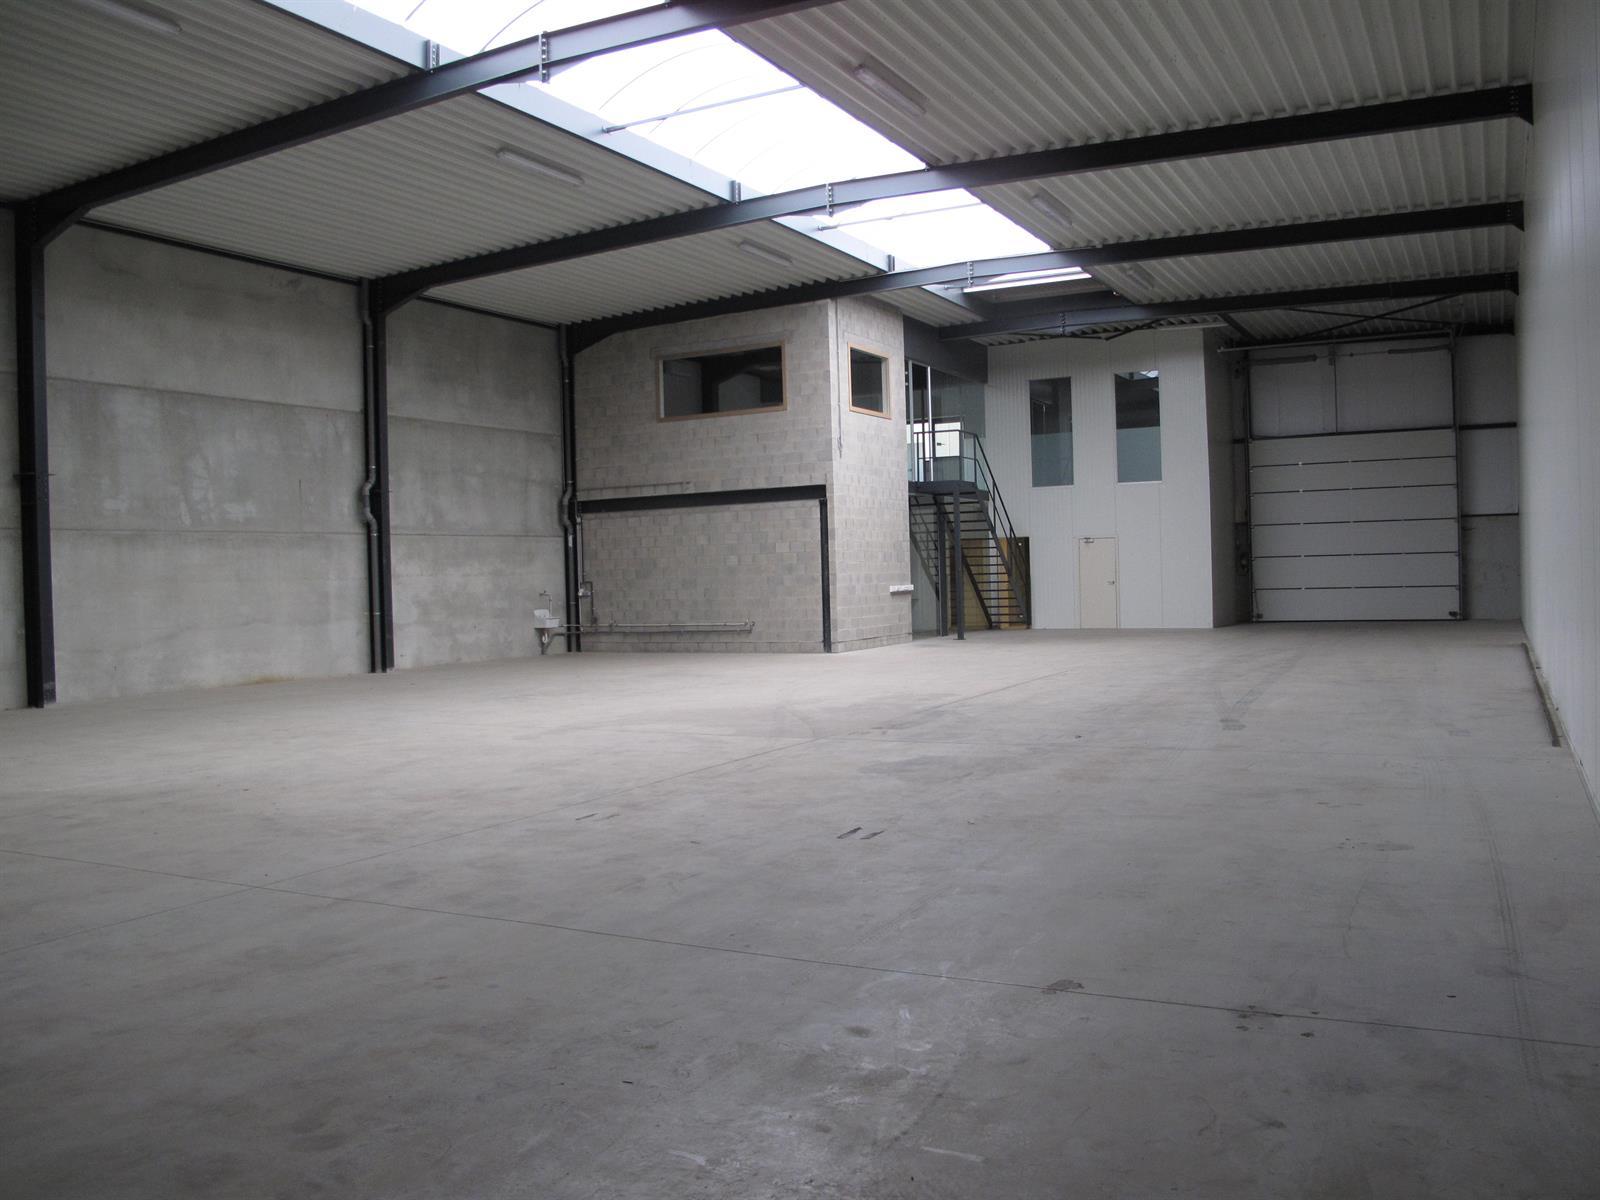 kantoren & magazijn te huur I136 - Oostmalsesteenweg  106 2A, 2520 Ranst Emblem, België 5